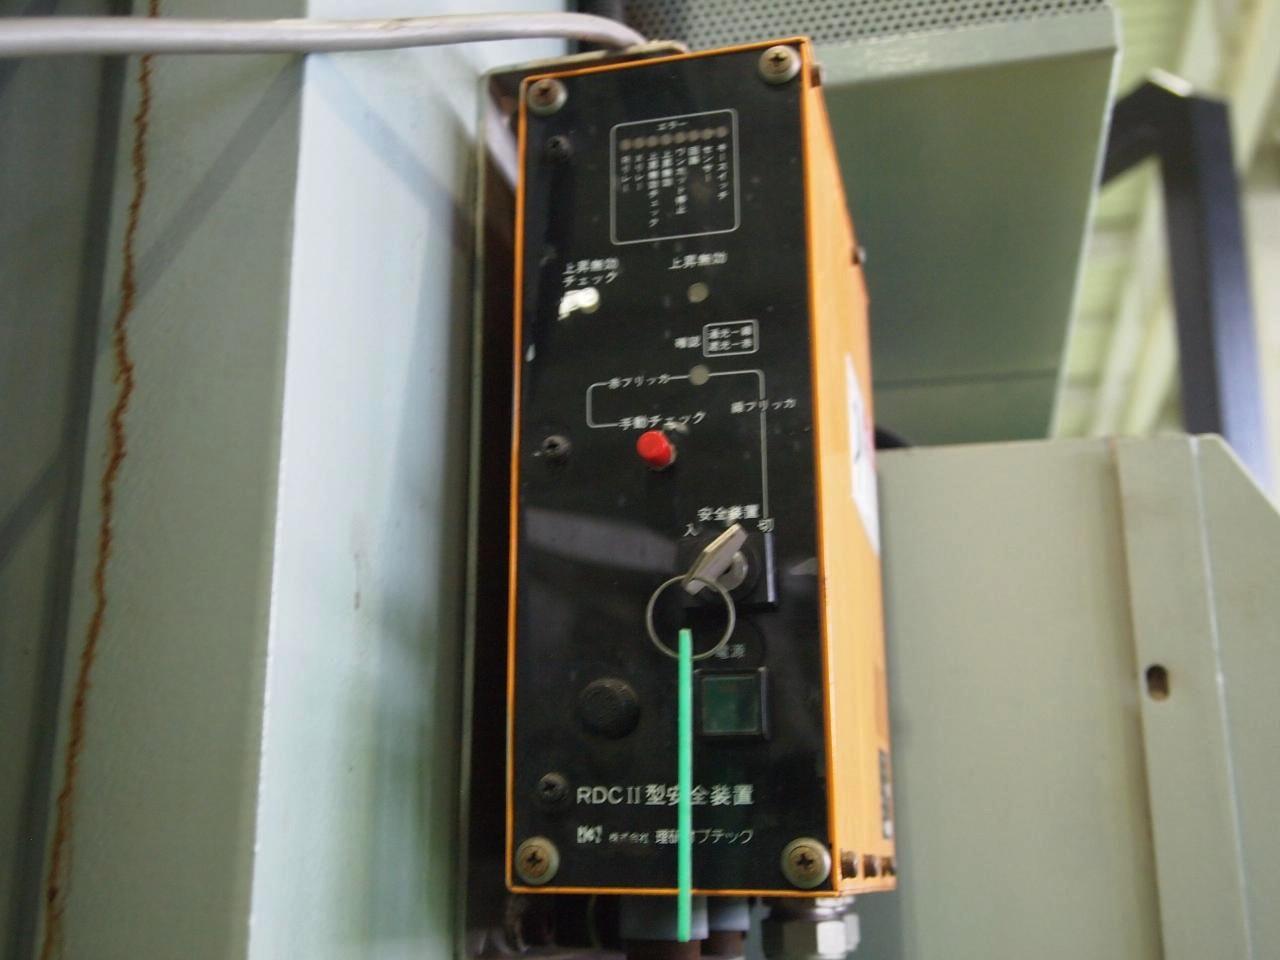 光線式安全装置操作盤